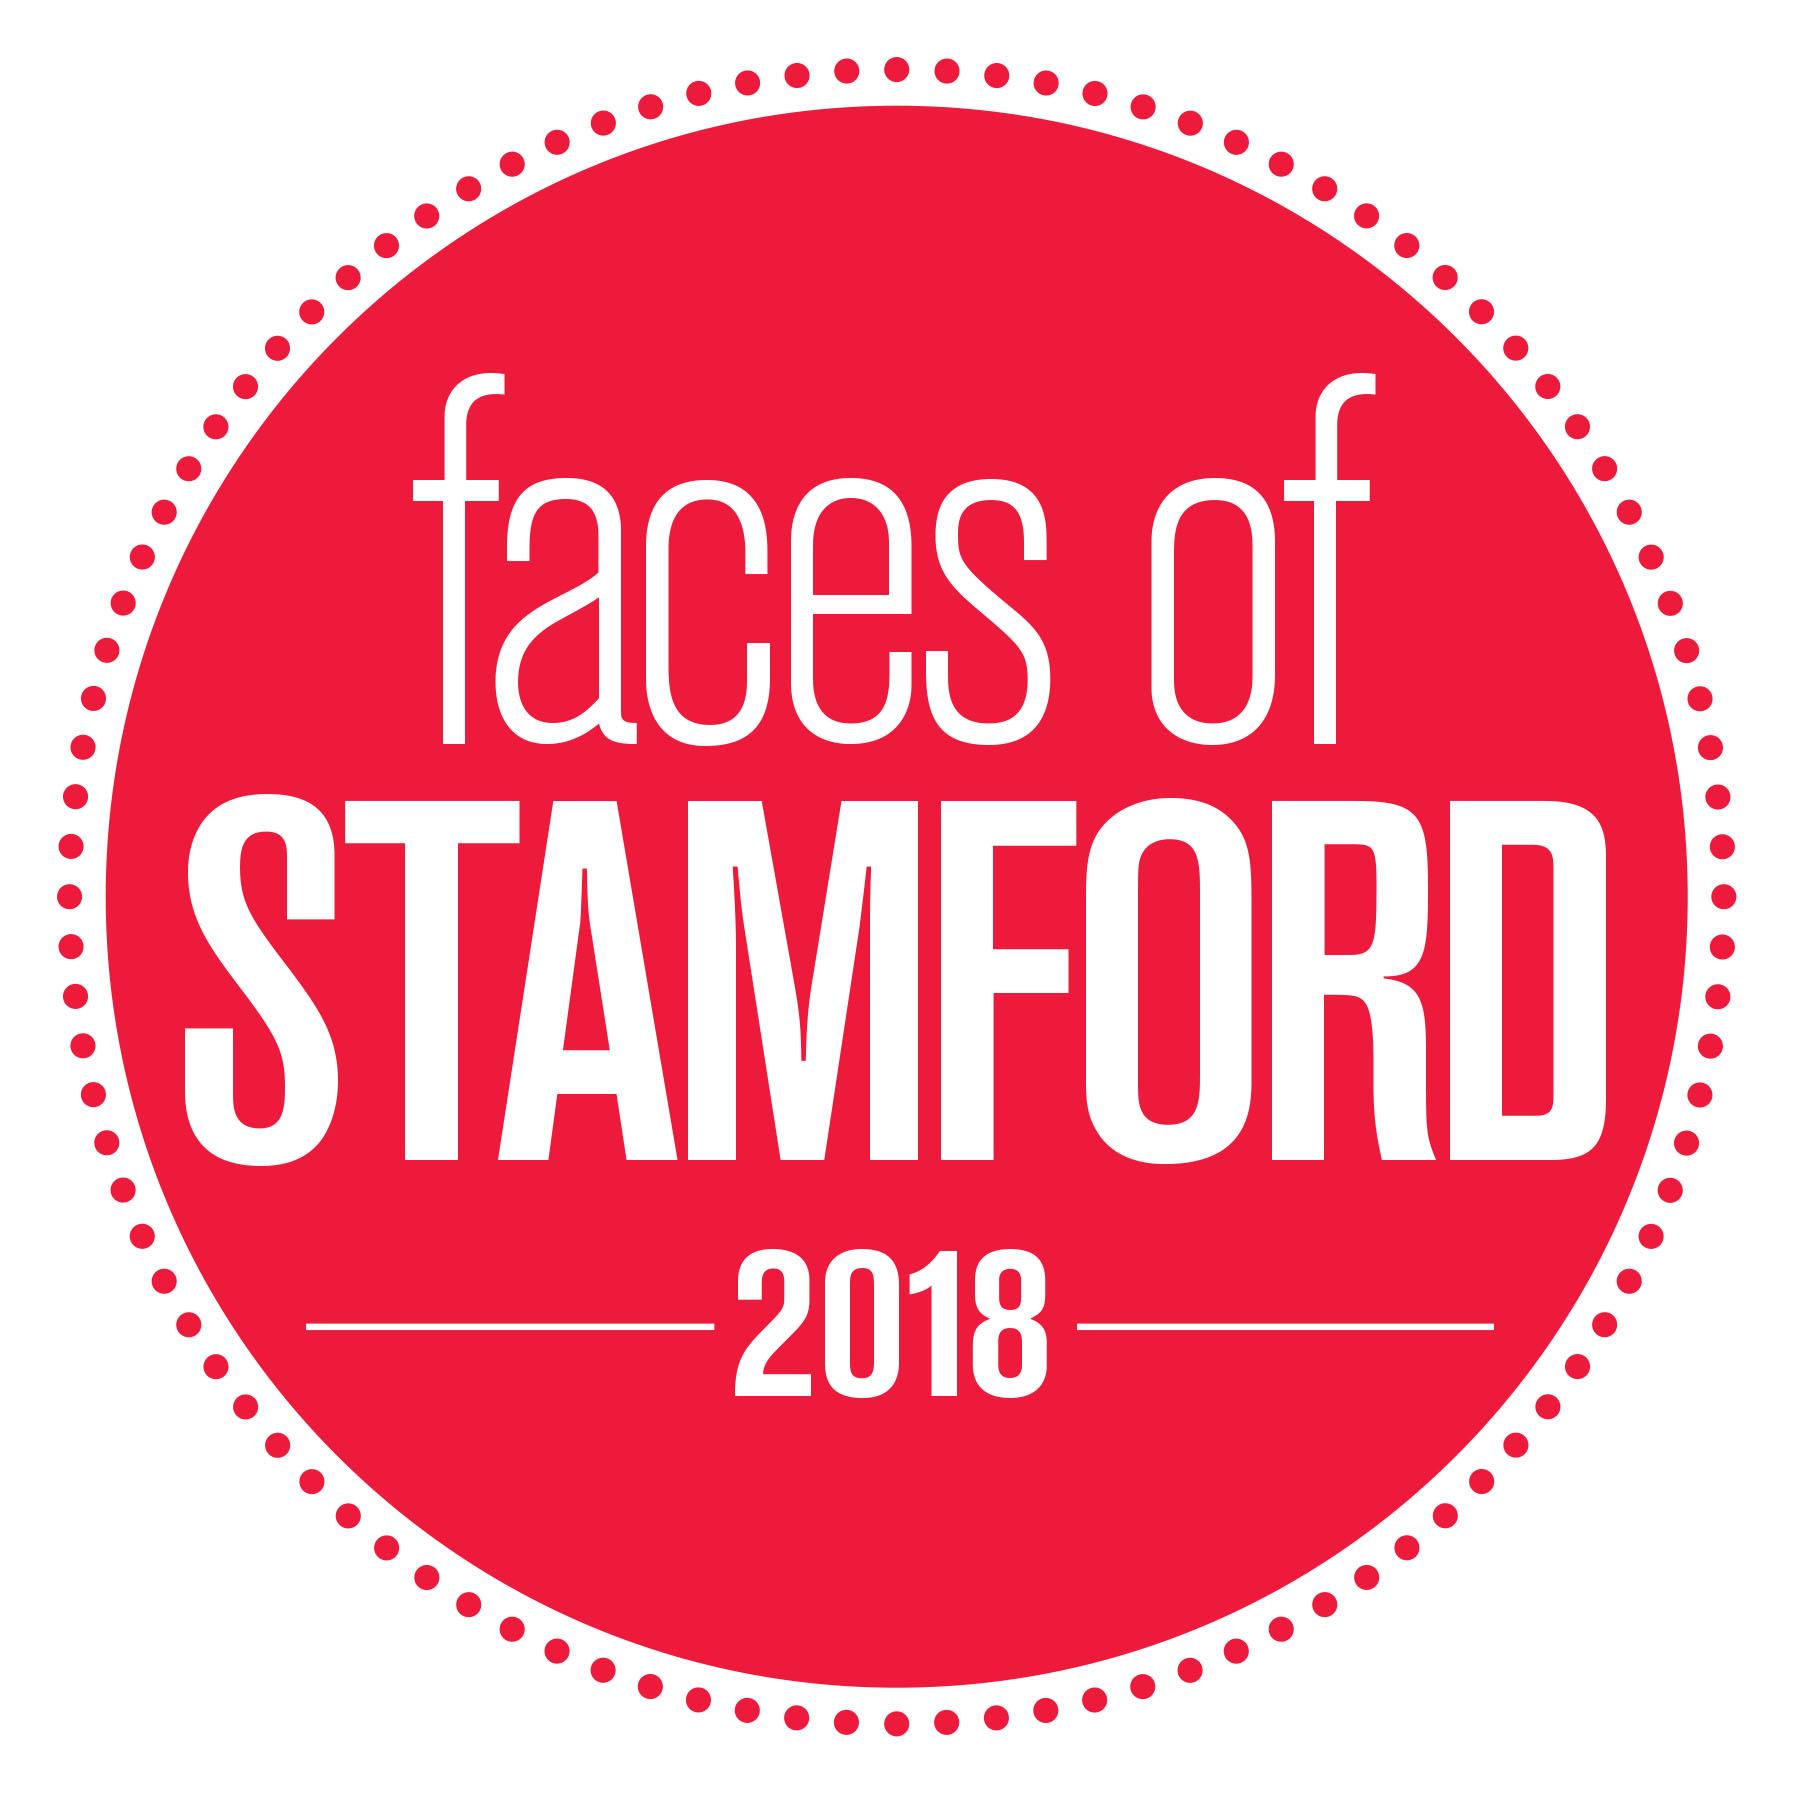 FacesOfStamford_Logo_RedOutline_2018.jpg